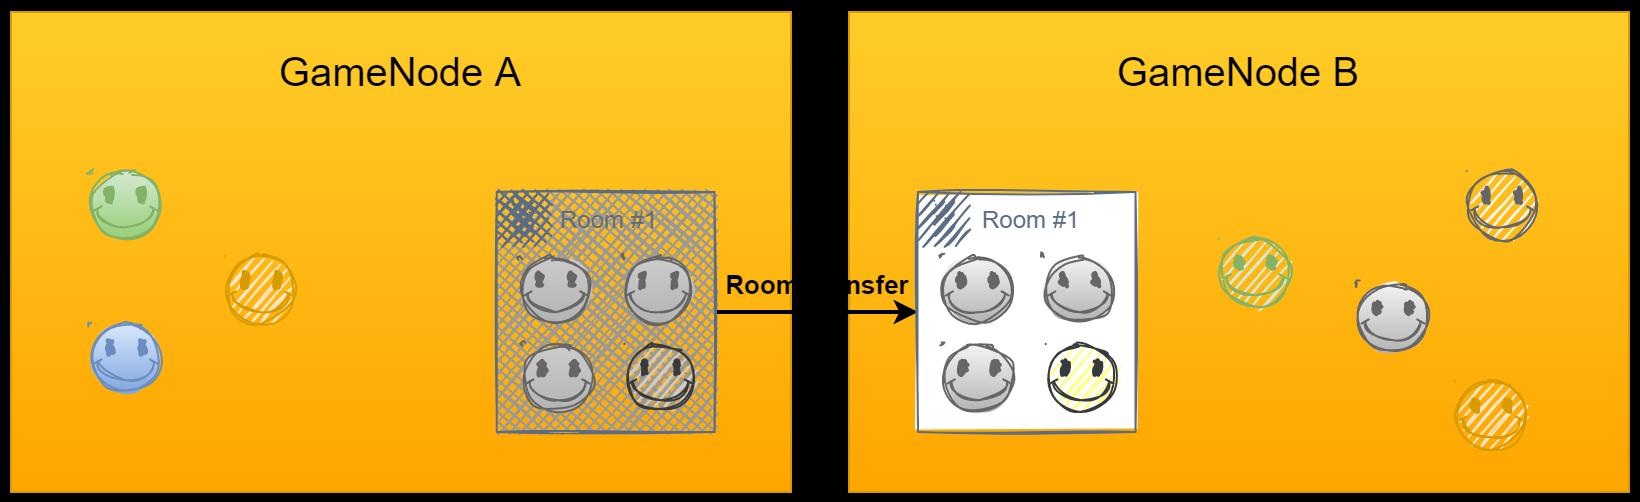 gamenode-room-transfer2.png